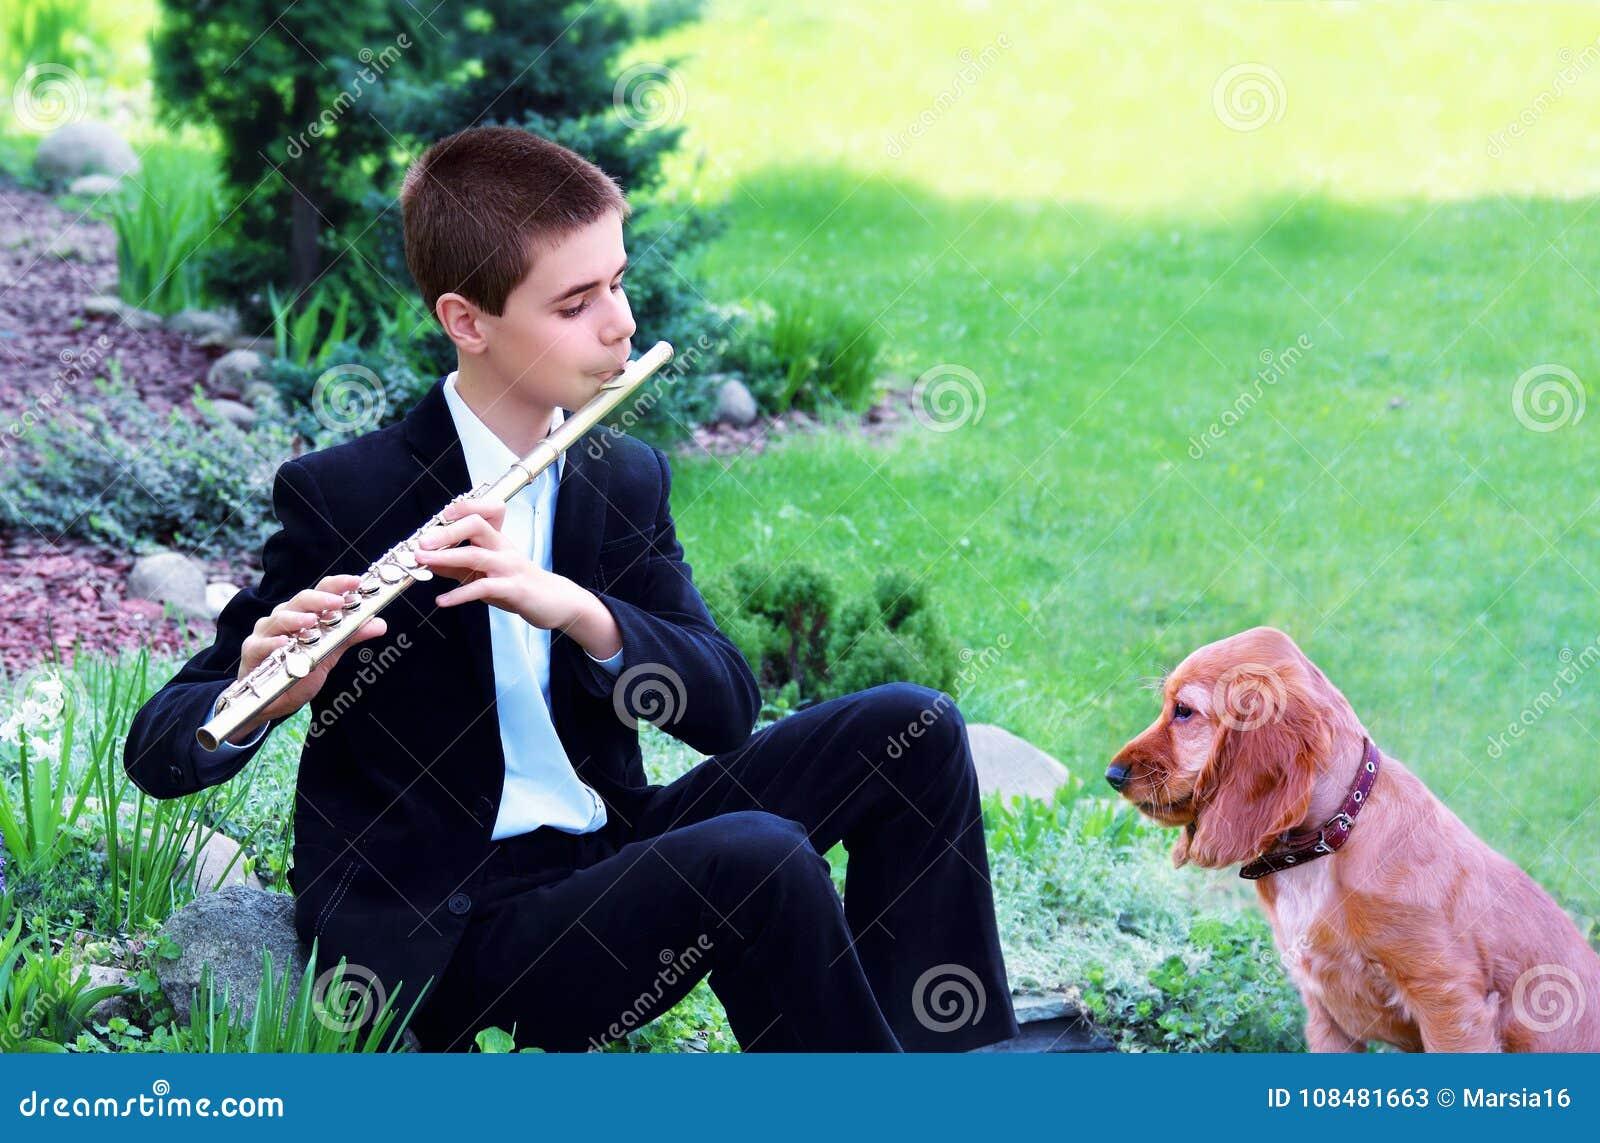 Έφηβος με το φλάουτο και σκυλί